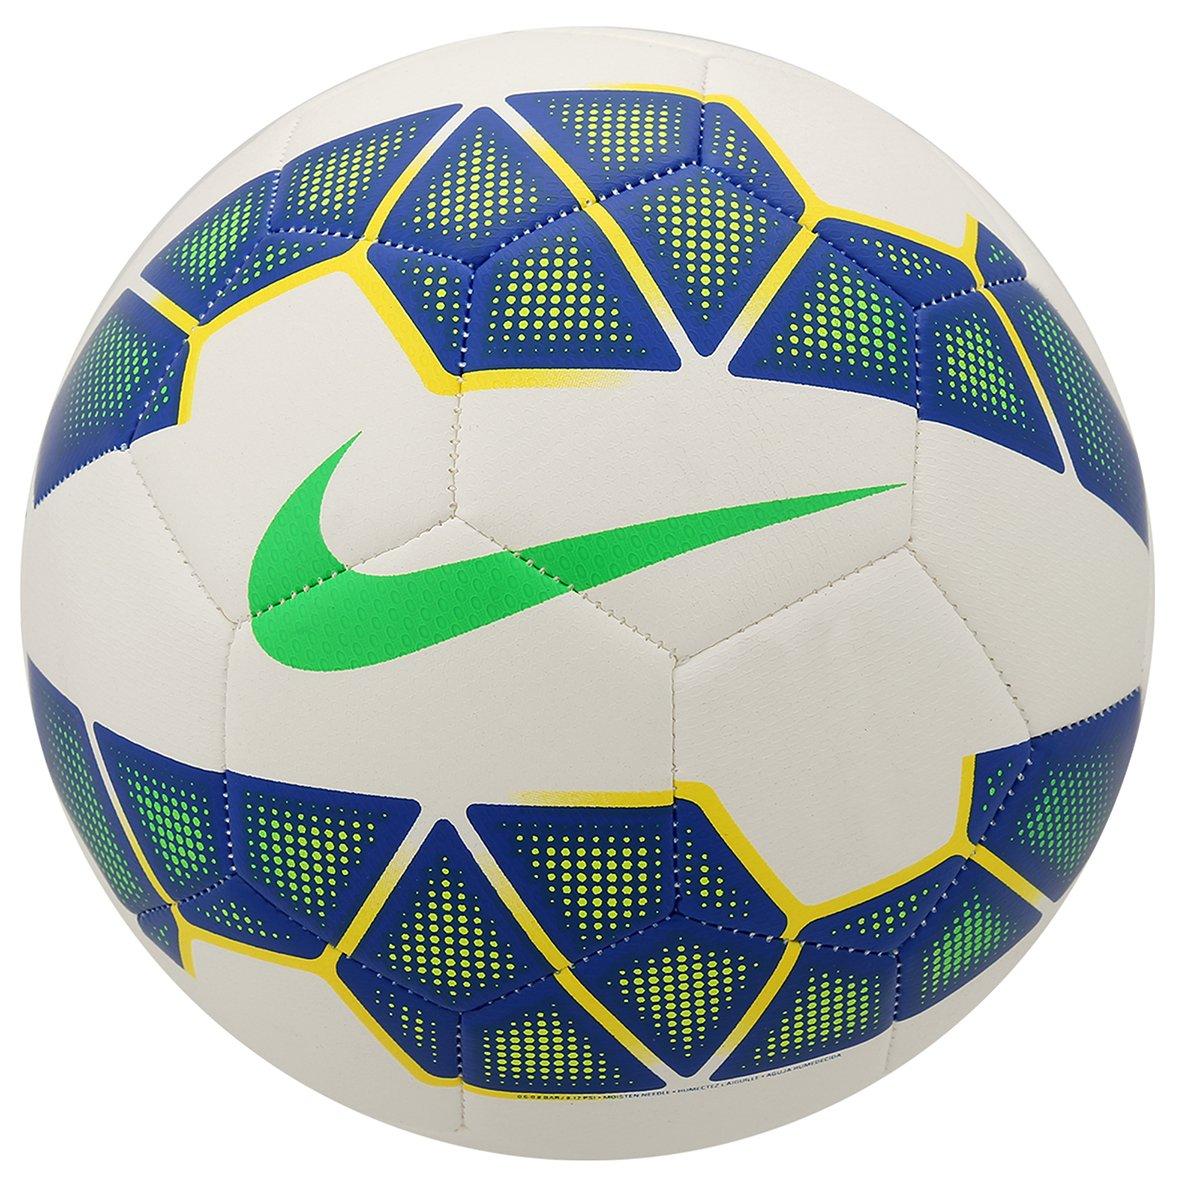 ac305b2c8 Bola Futebol Campo Nike Strike CBF 2015 - Compre Agora